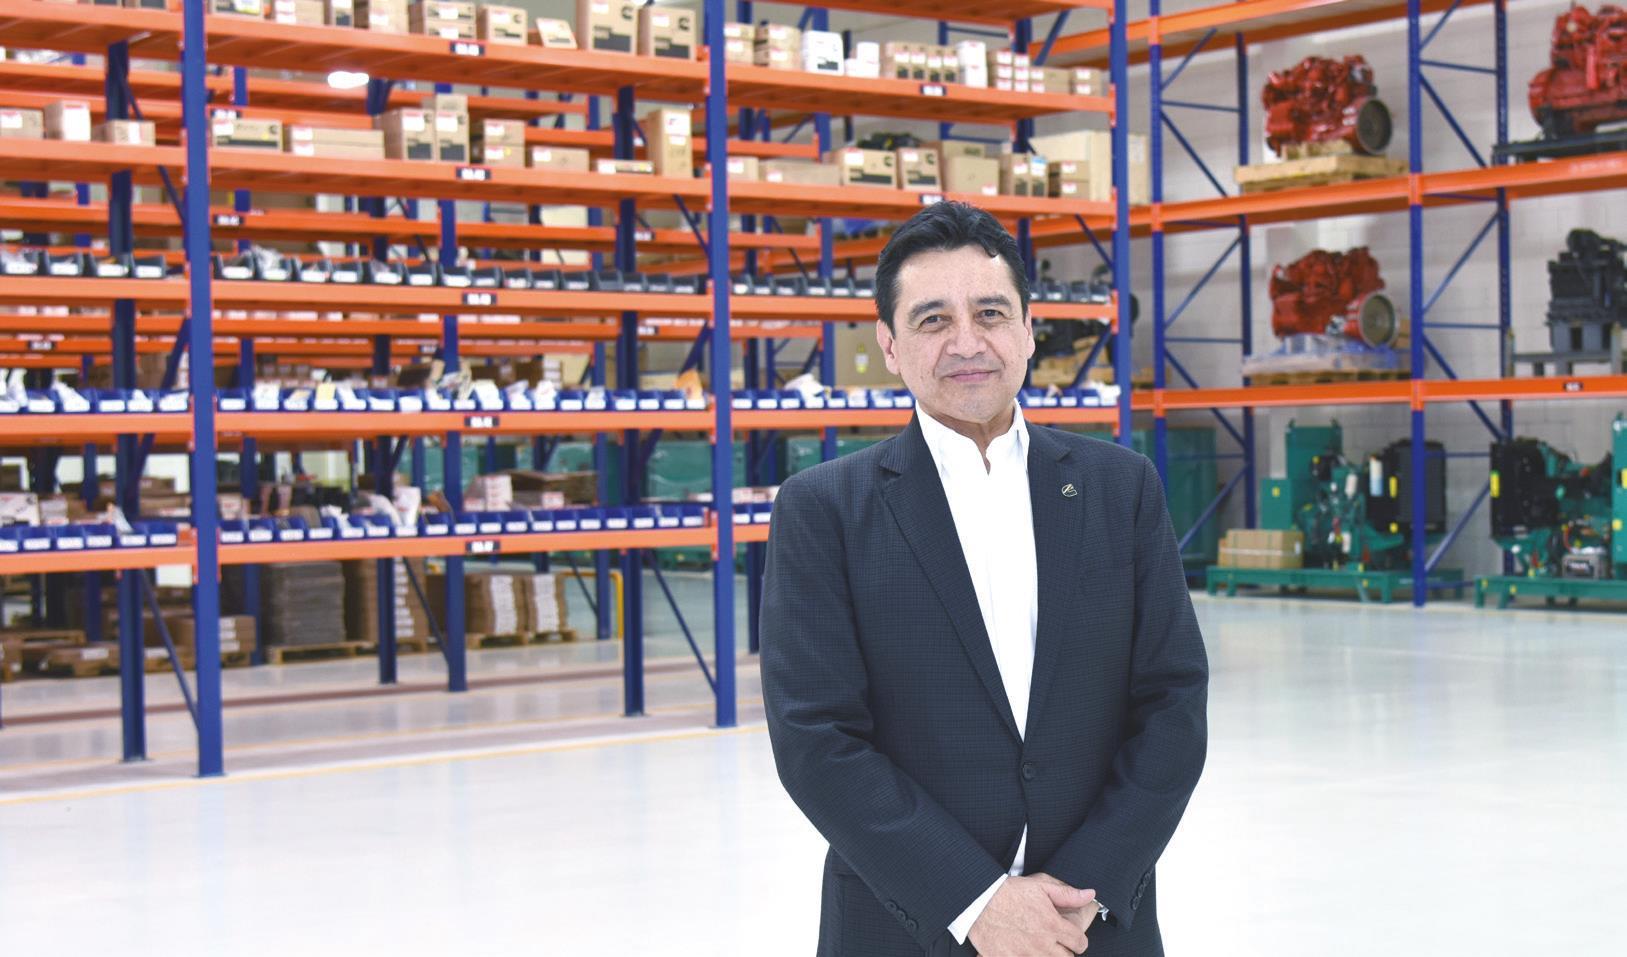 Raúl Hernández en el almacén de partes.